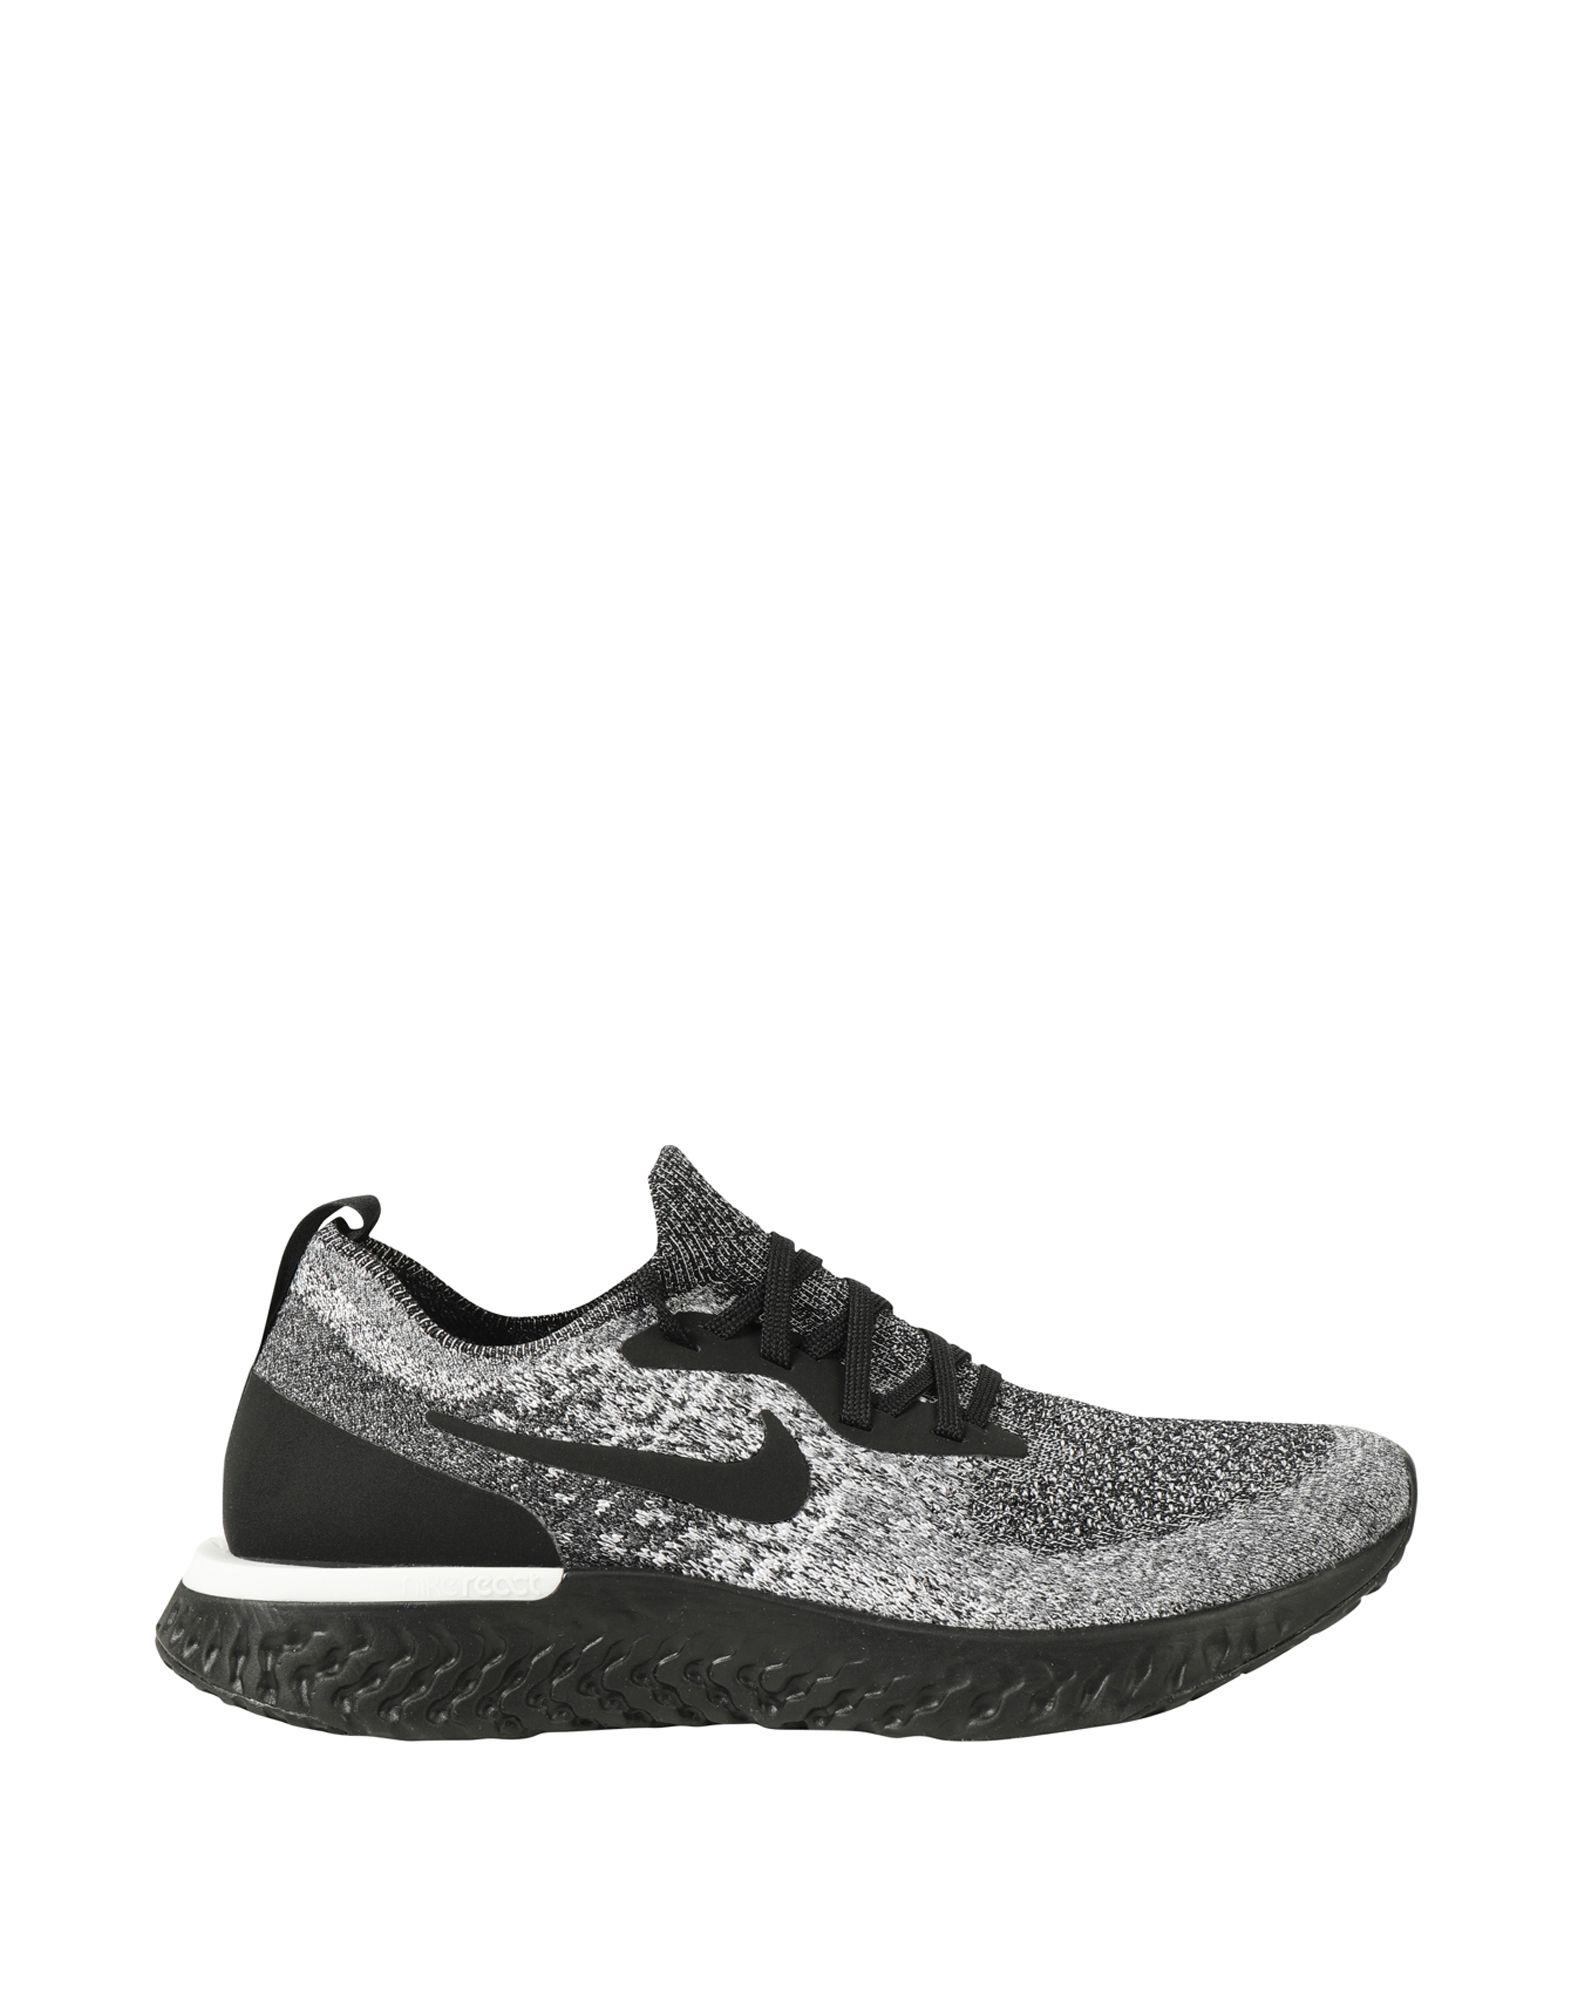 Baskets Nike  Epic React Flyknit - Femme - Baskets Nike Noir Nouvelles chaussures pour hommes et femmes, remise limitée dans le temps